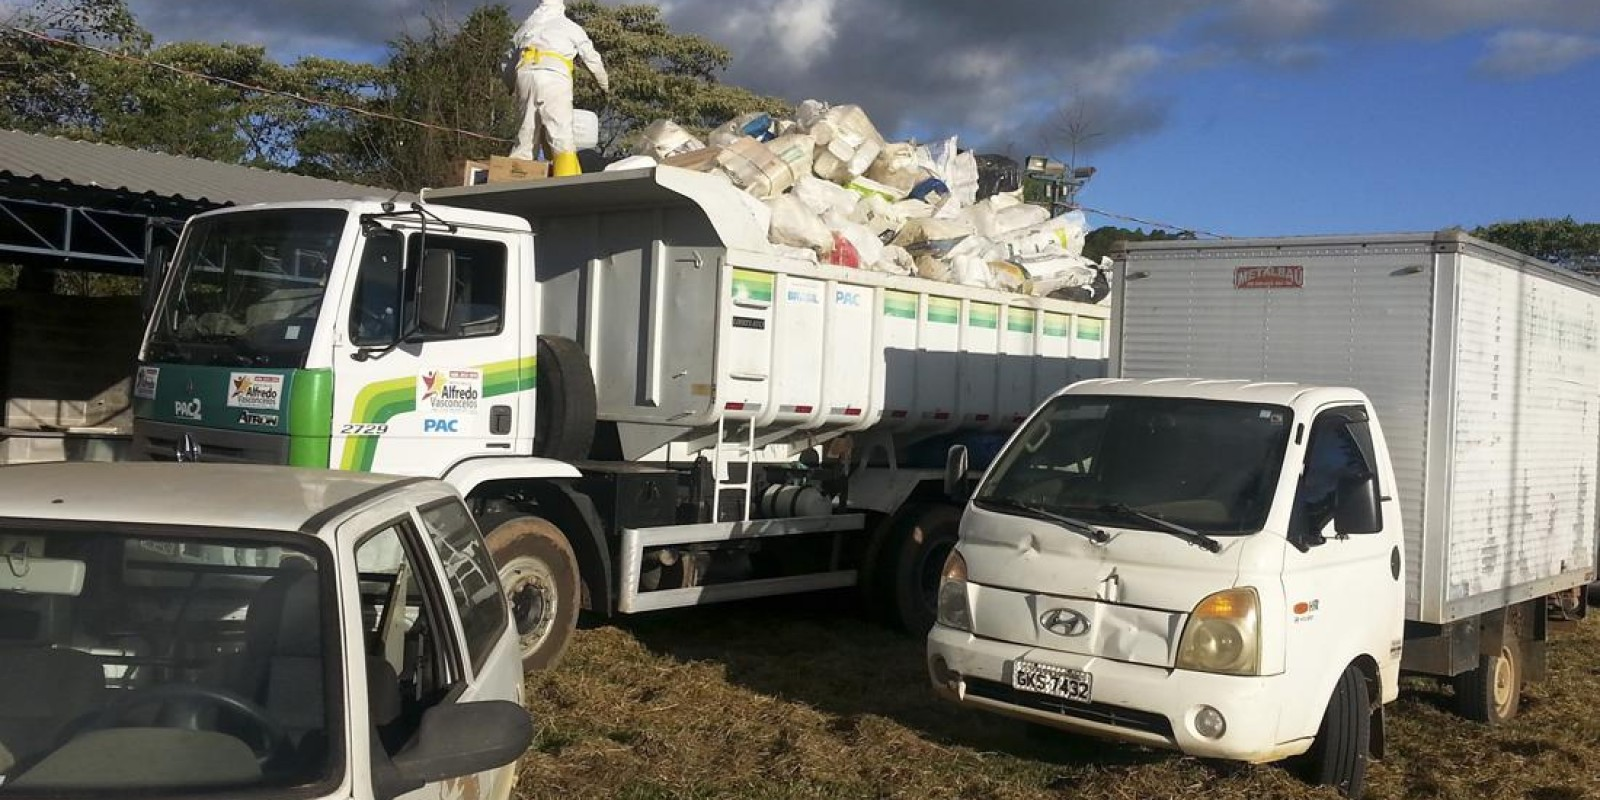 Recolhimento e descarte correto de embalagens de agrotóxicos evitam contaminação ambiental em municípios da região Central